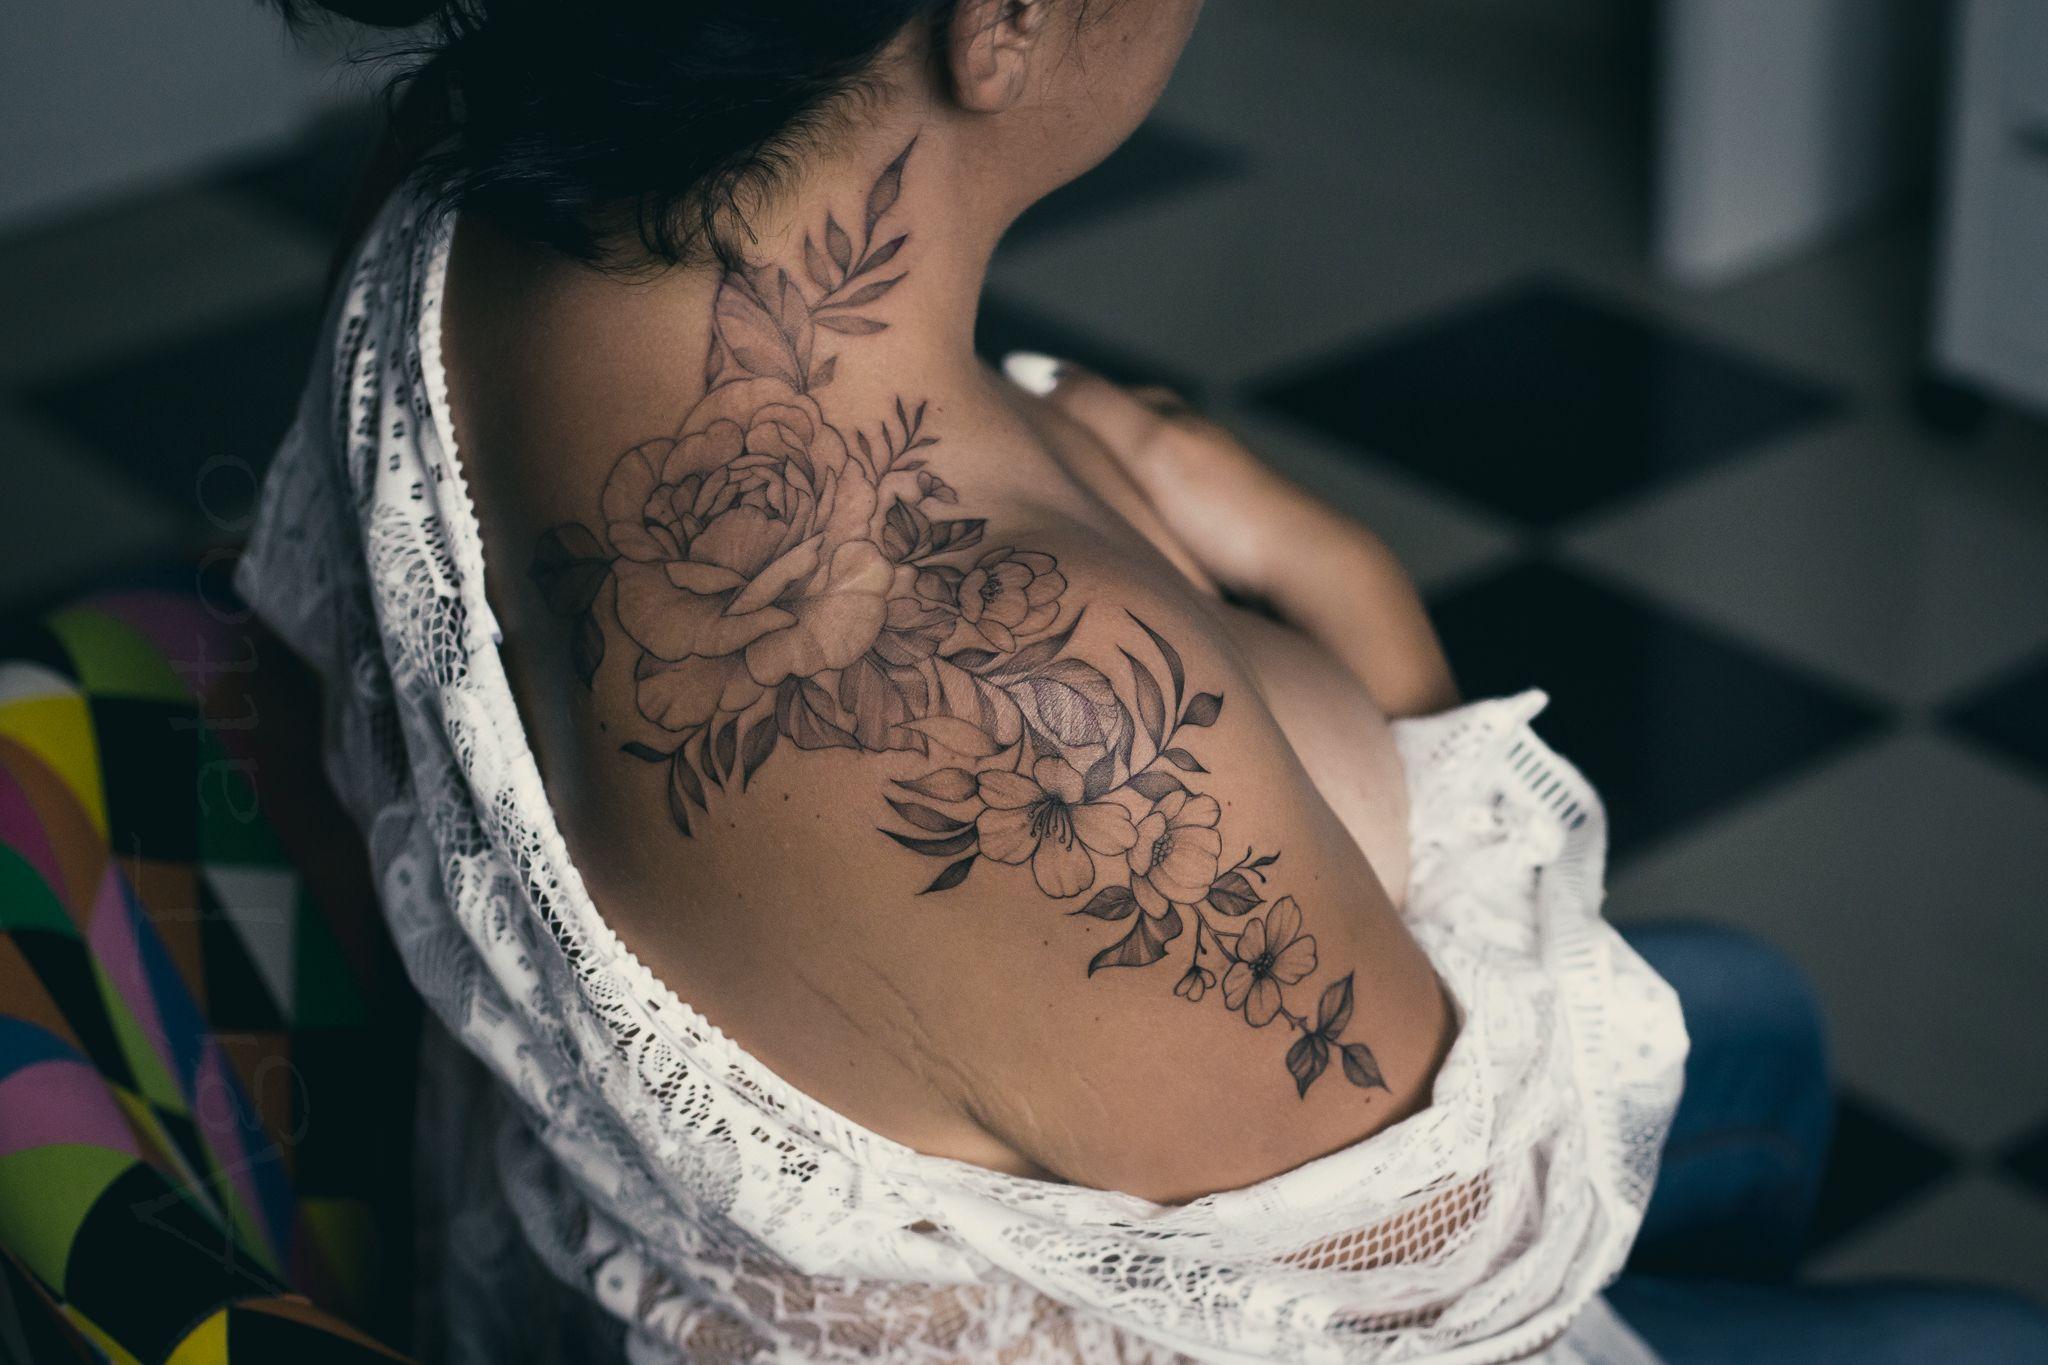 Tatuaz Kwiatowy Dla Kobiet Piwonie Roze Na Bark Ramie Szyje Tattoos Flower Tattoo Flowers